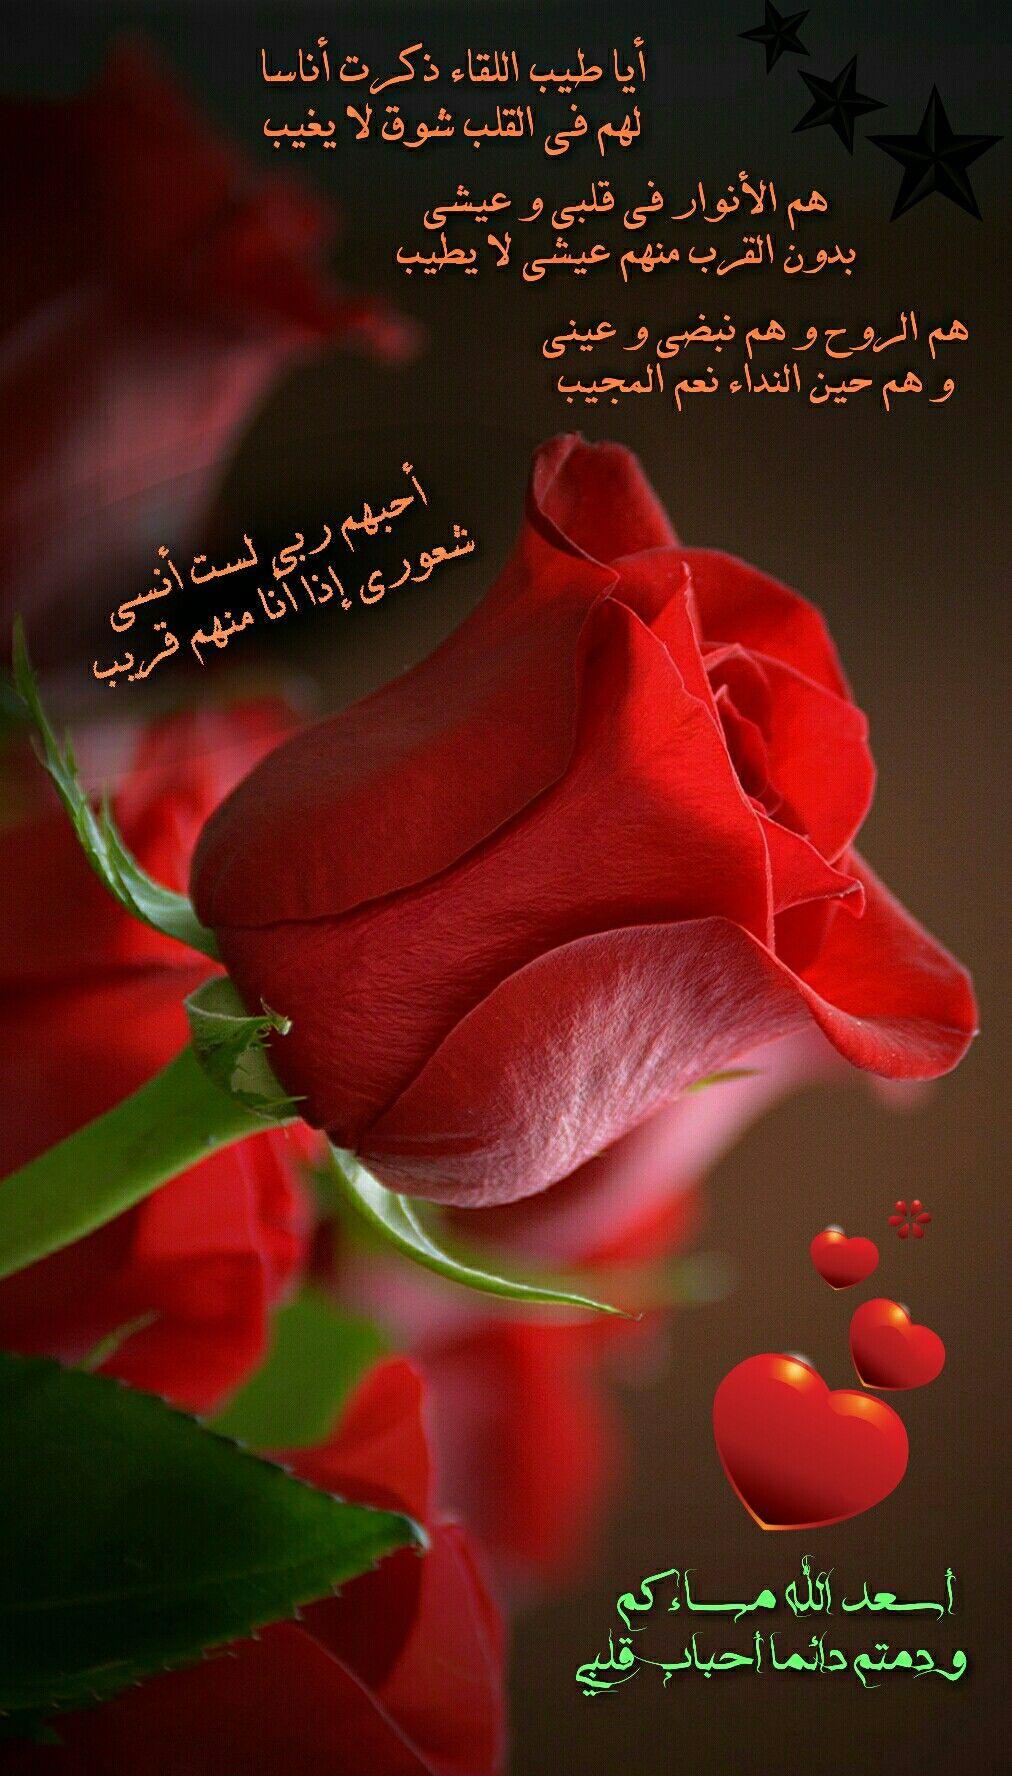 مساء الخير Good Evening Wishes Good Morning Arabic Good Night Messages